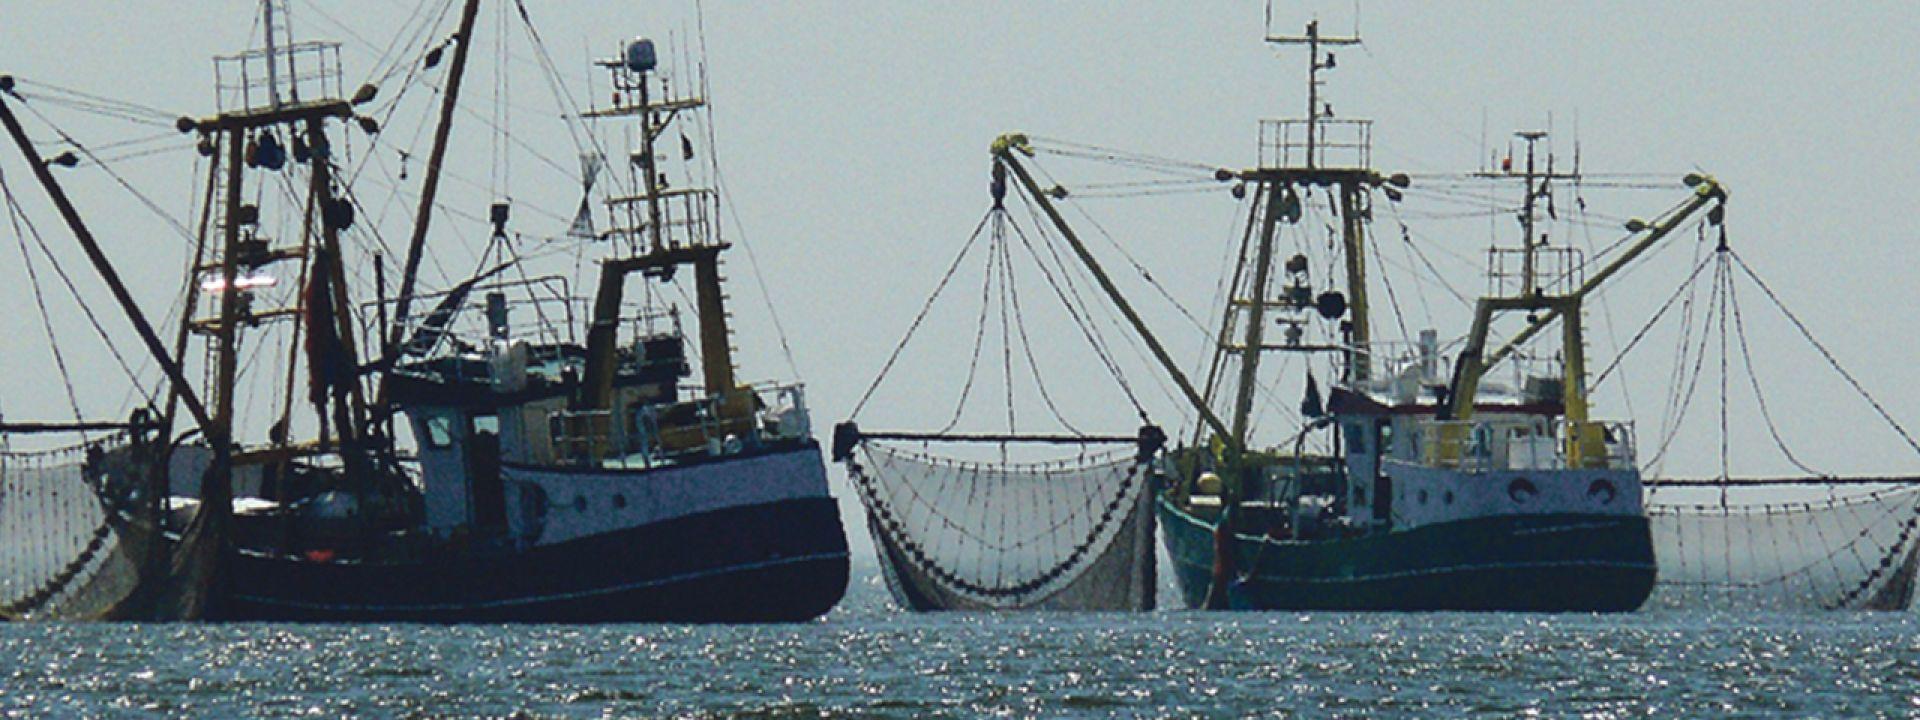 Φωτογραφία που απεικονίζει αλιευτικά πλοία